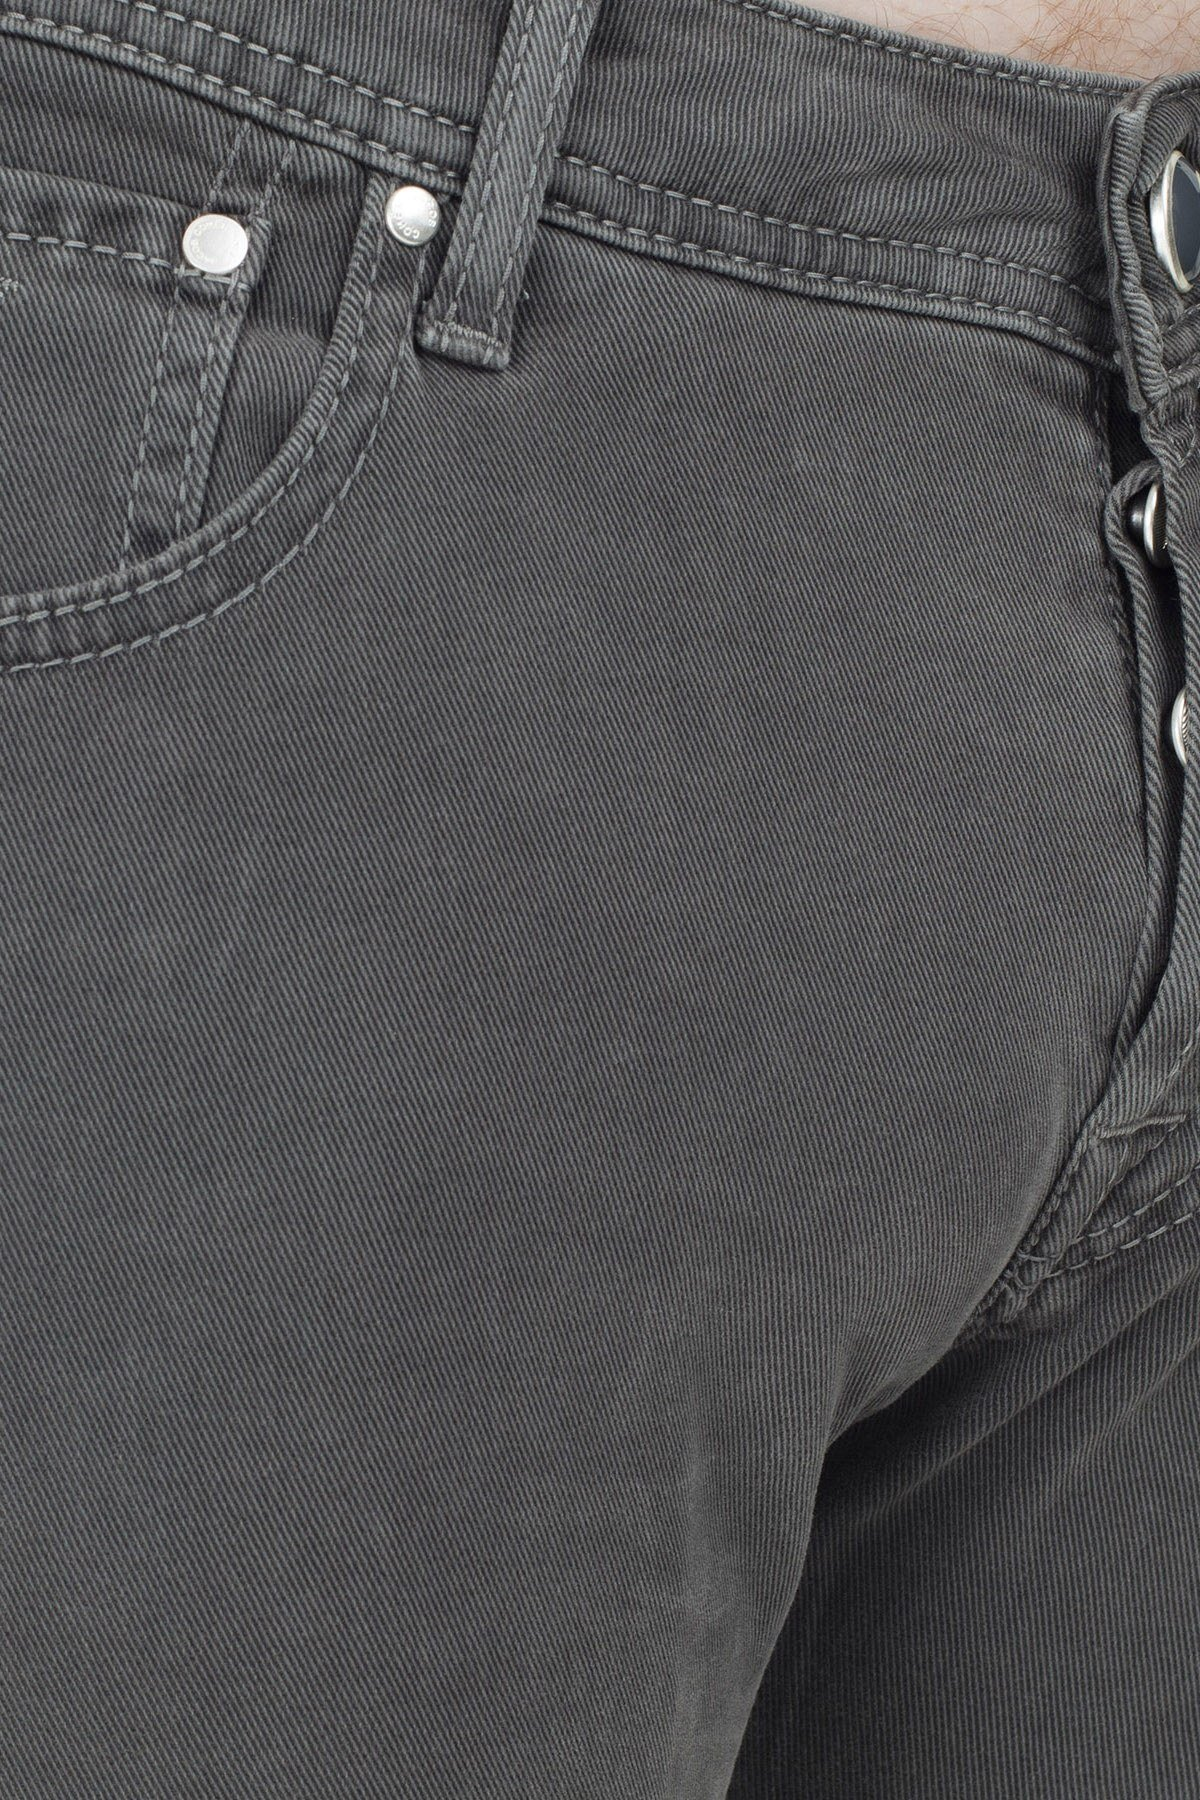 Jacob Cohen Jeans Erkek Pamuklu Pantolon J622 01651S 930 ANTRASİT